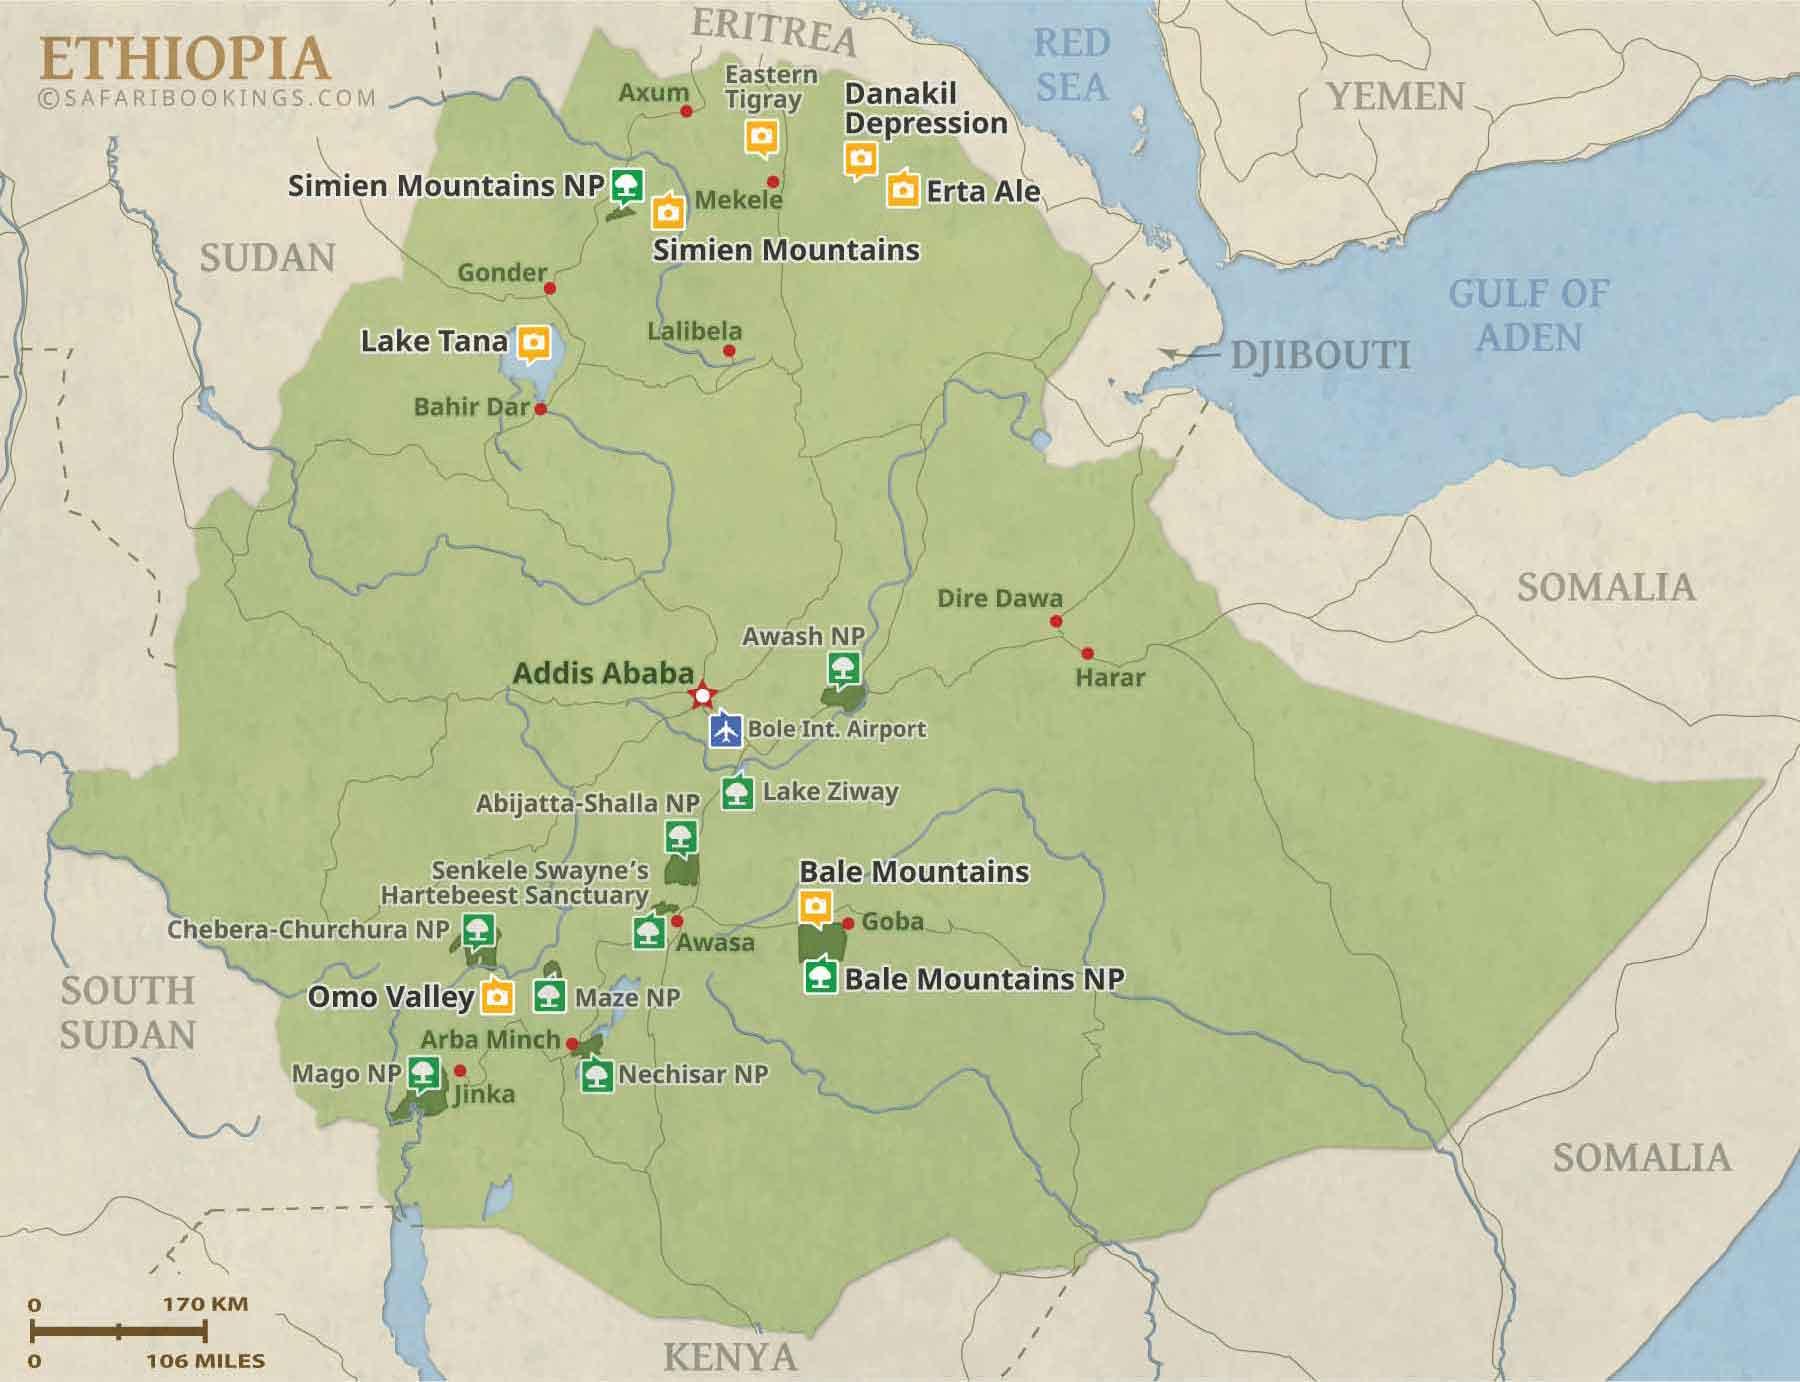 Popular Routes in Ethiopia